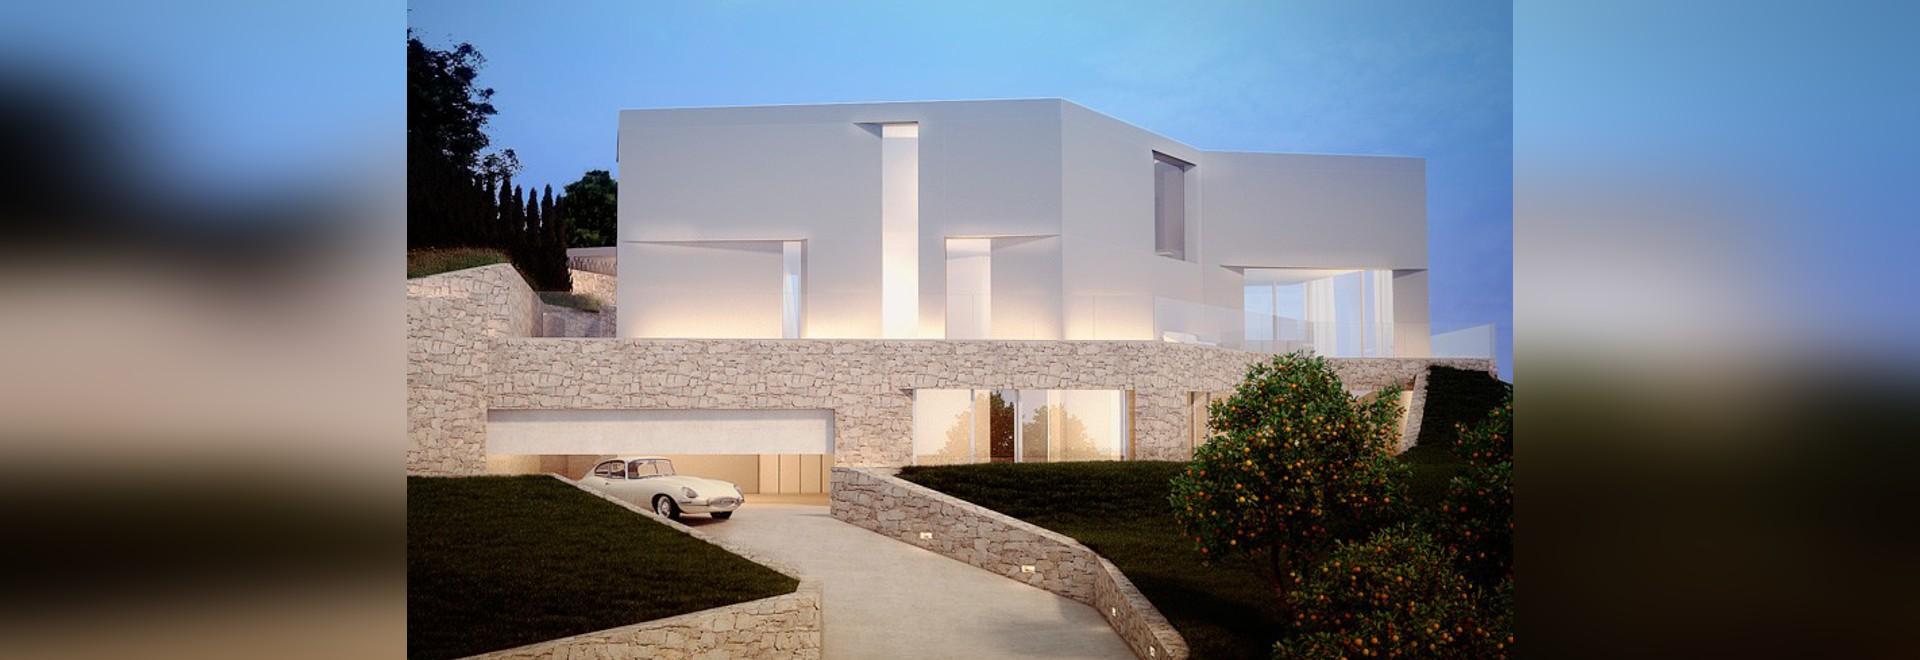 l'ambolo de cala de maison par l'esteve de ramón présente des vues du littoral méditerranéen